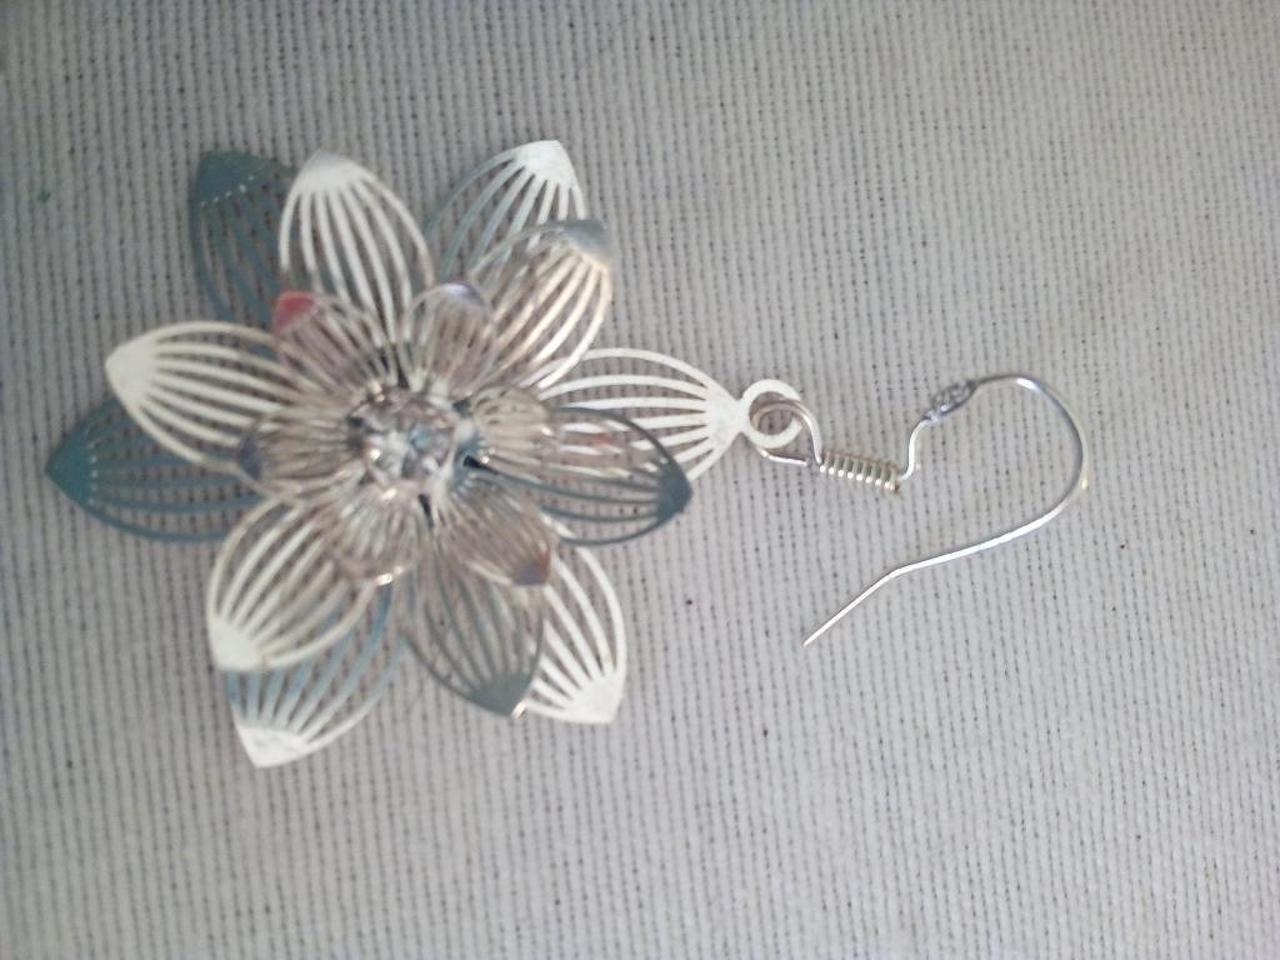 Brincos e berloque/pendente para colar/fio em prata. - 5/5